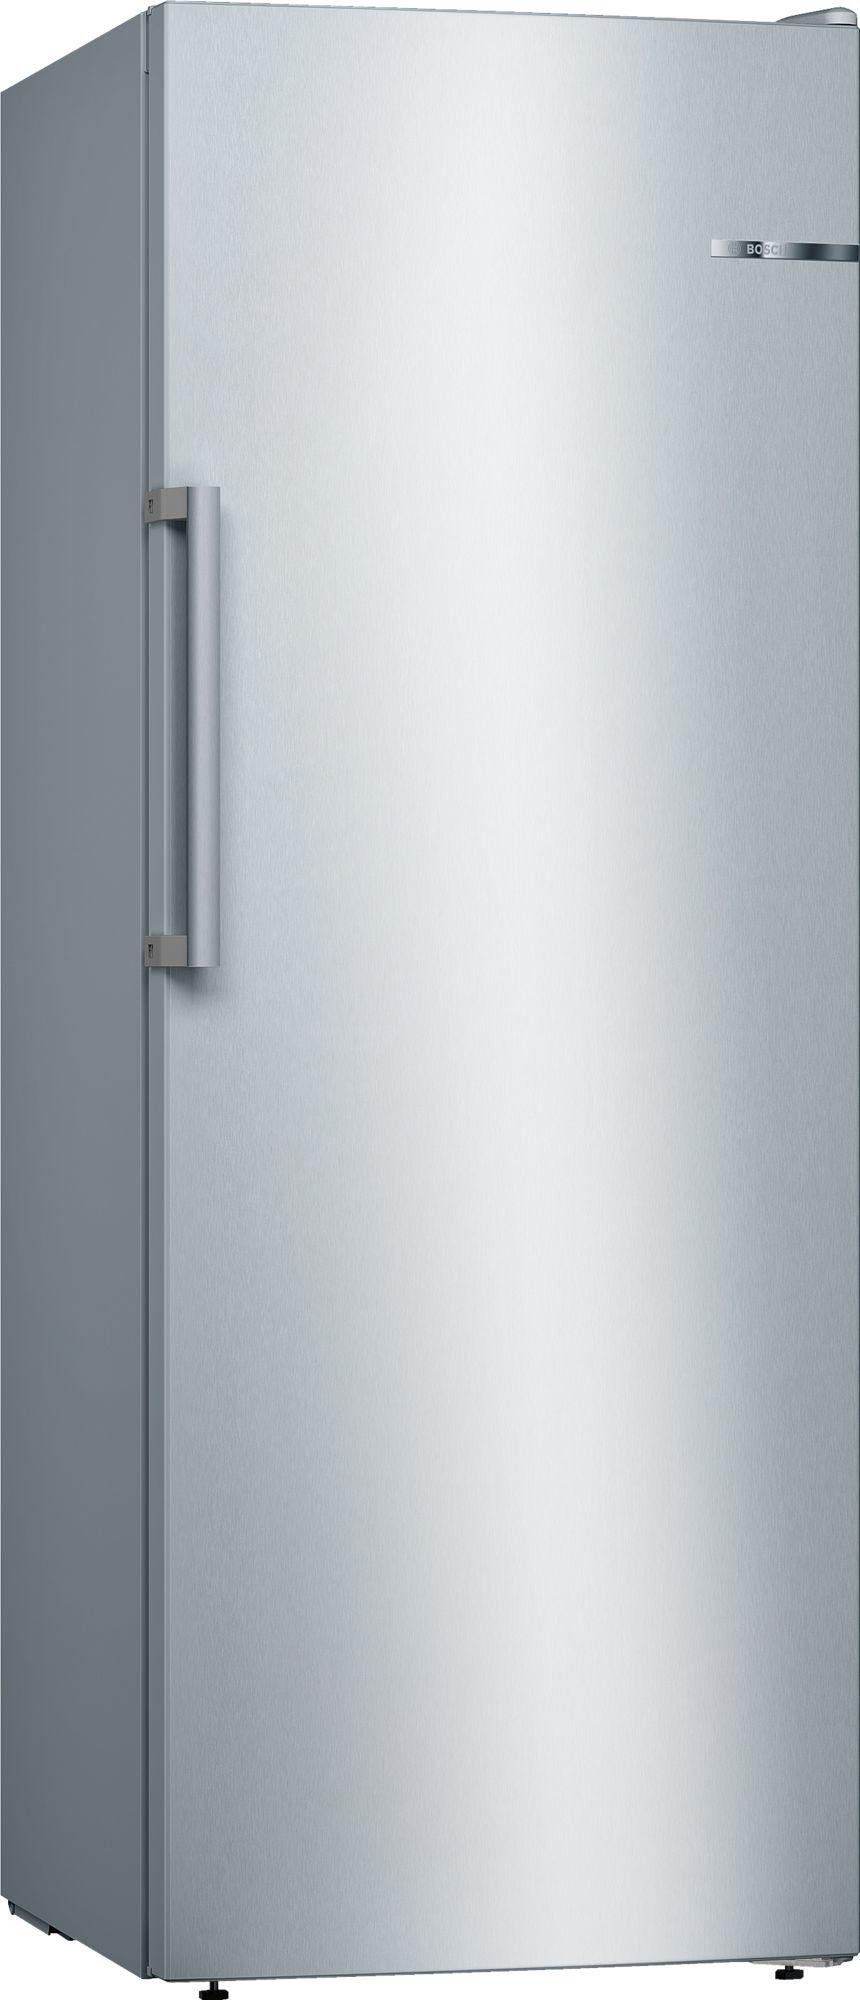 Bosch vrieskast GSN29VL3P